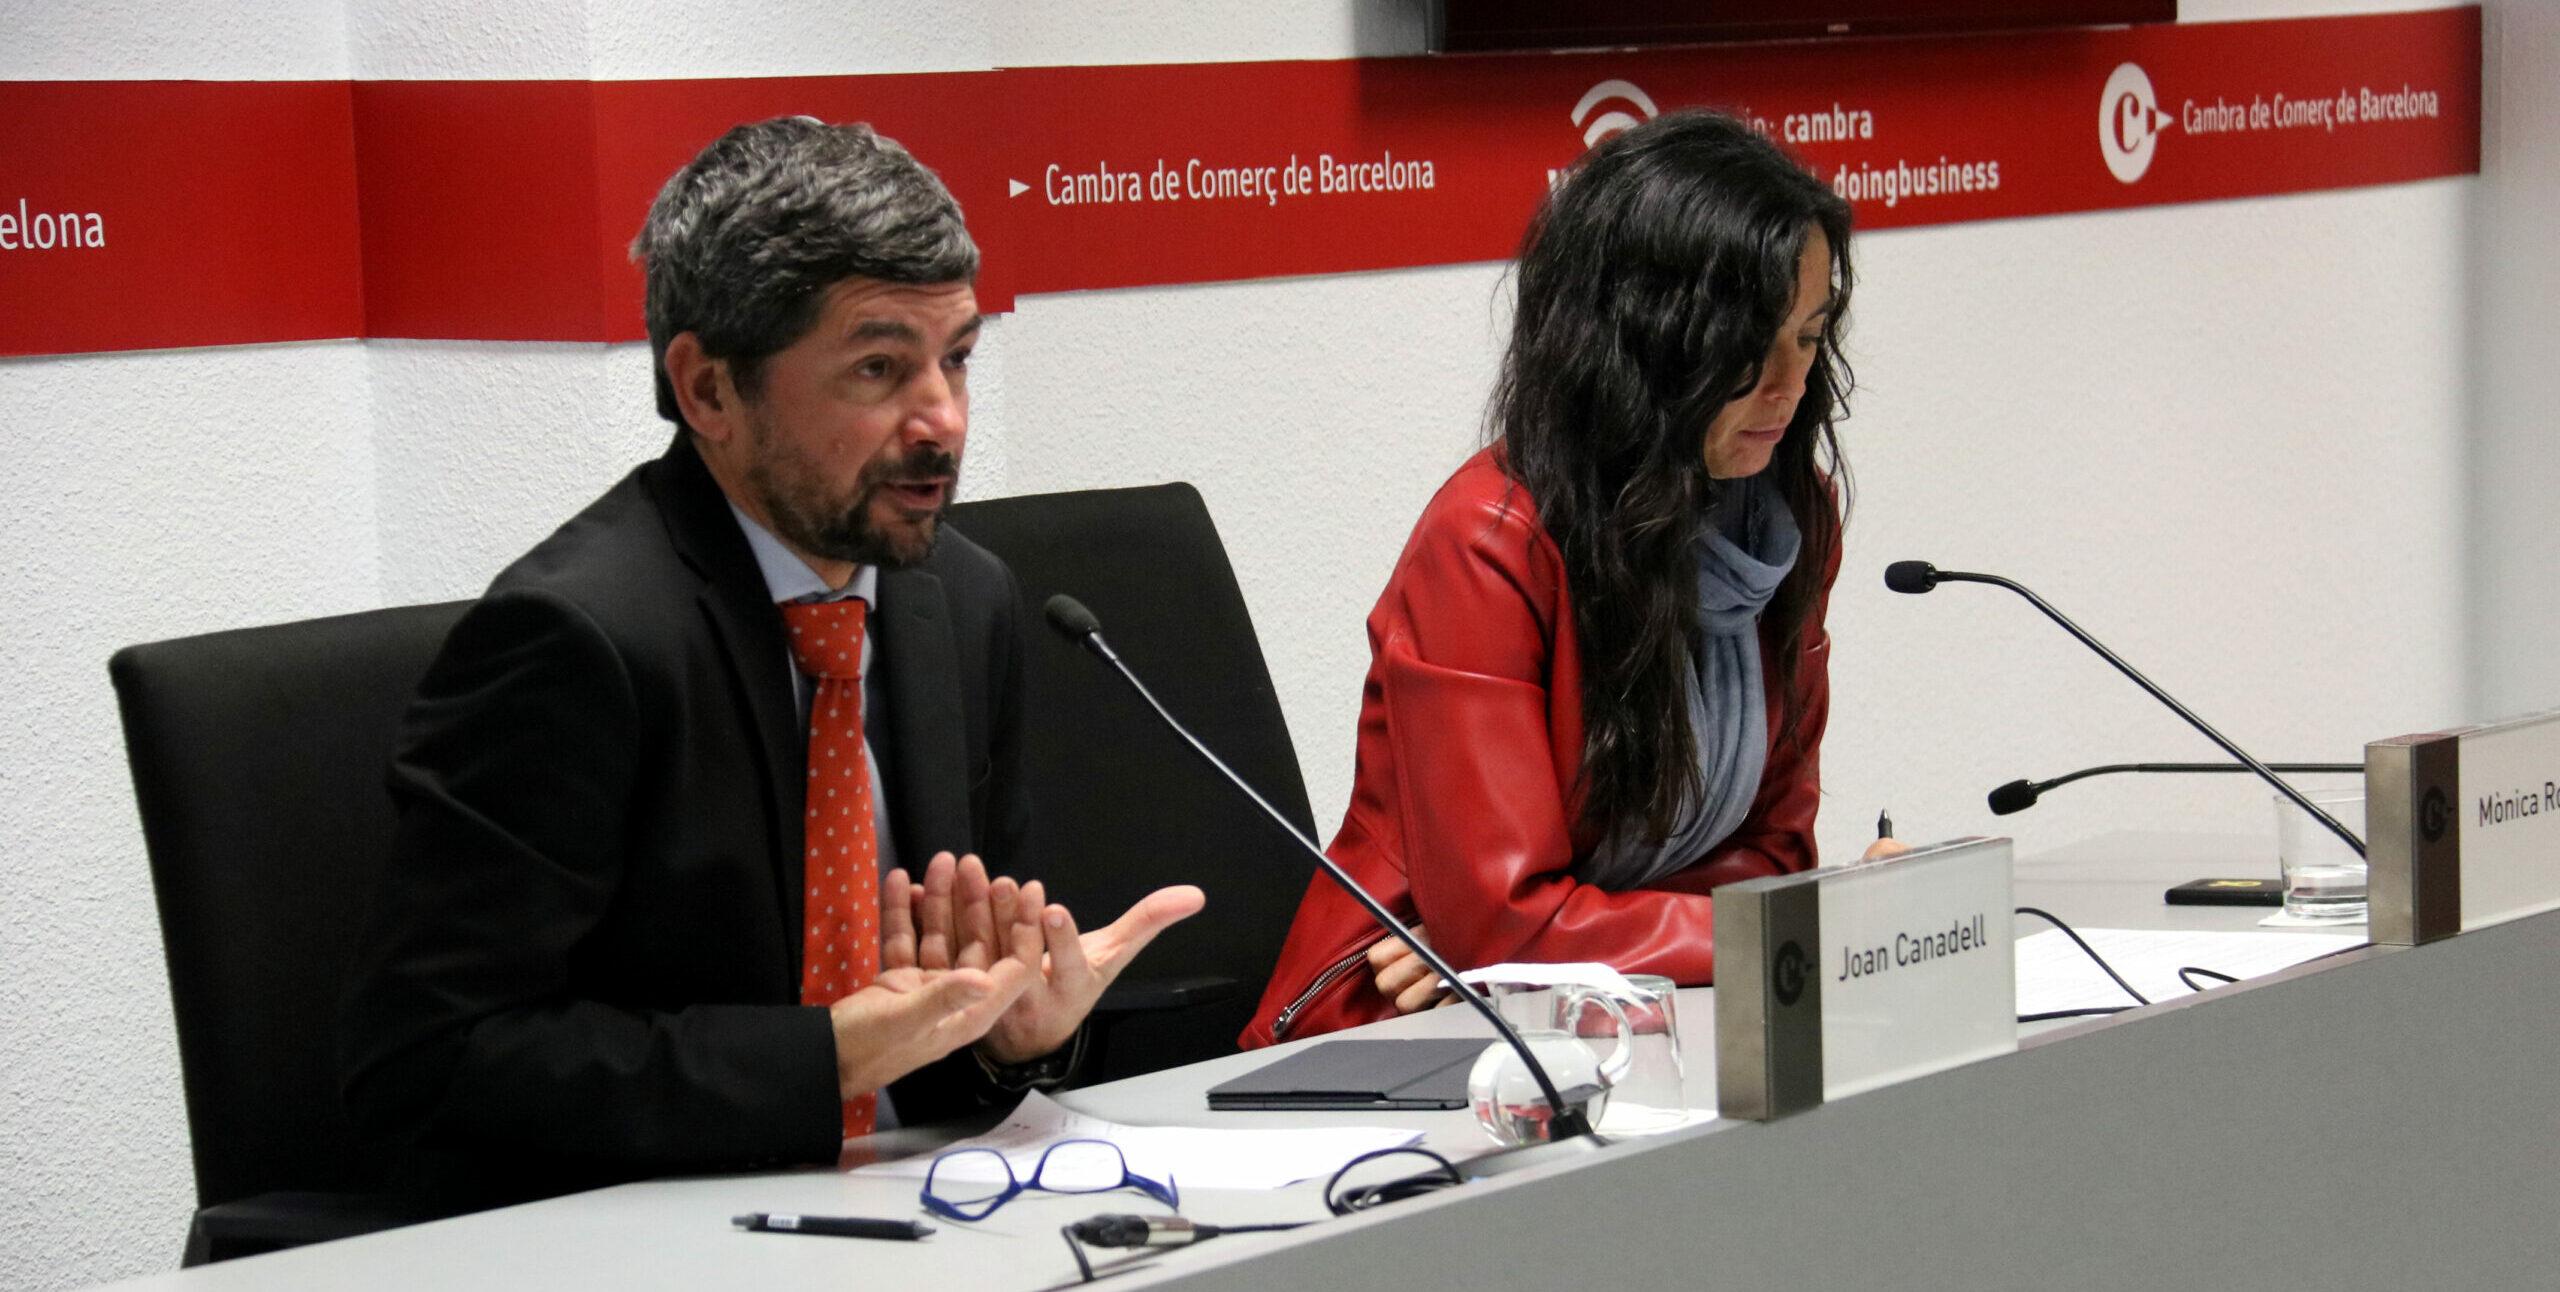 El president de la Cambra de Comerç de Barcelona, Joan Canadell, i la vicepresidenta primera de la corporació, Mònica Roca, el 20 de gener de 2020 / ACN